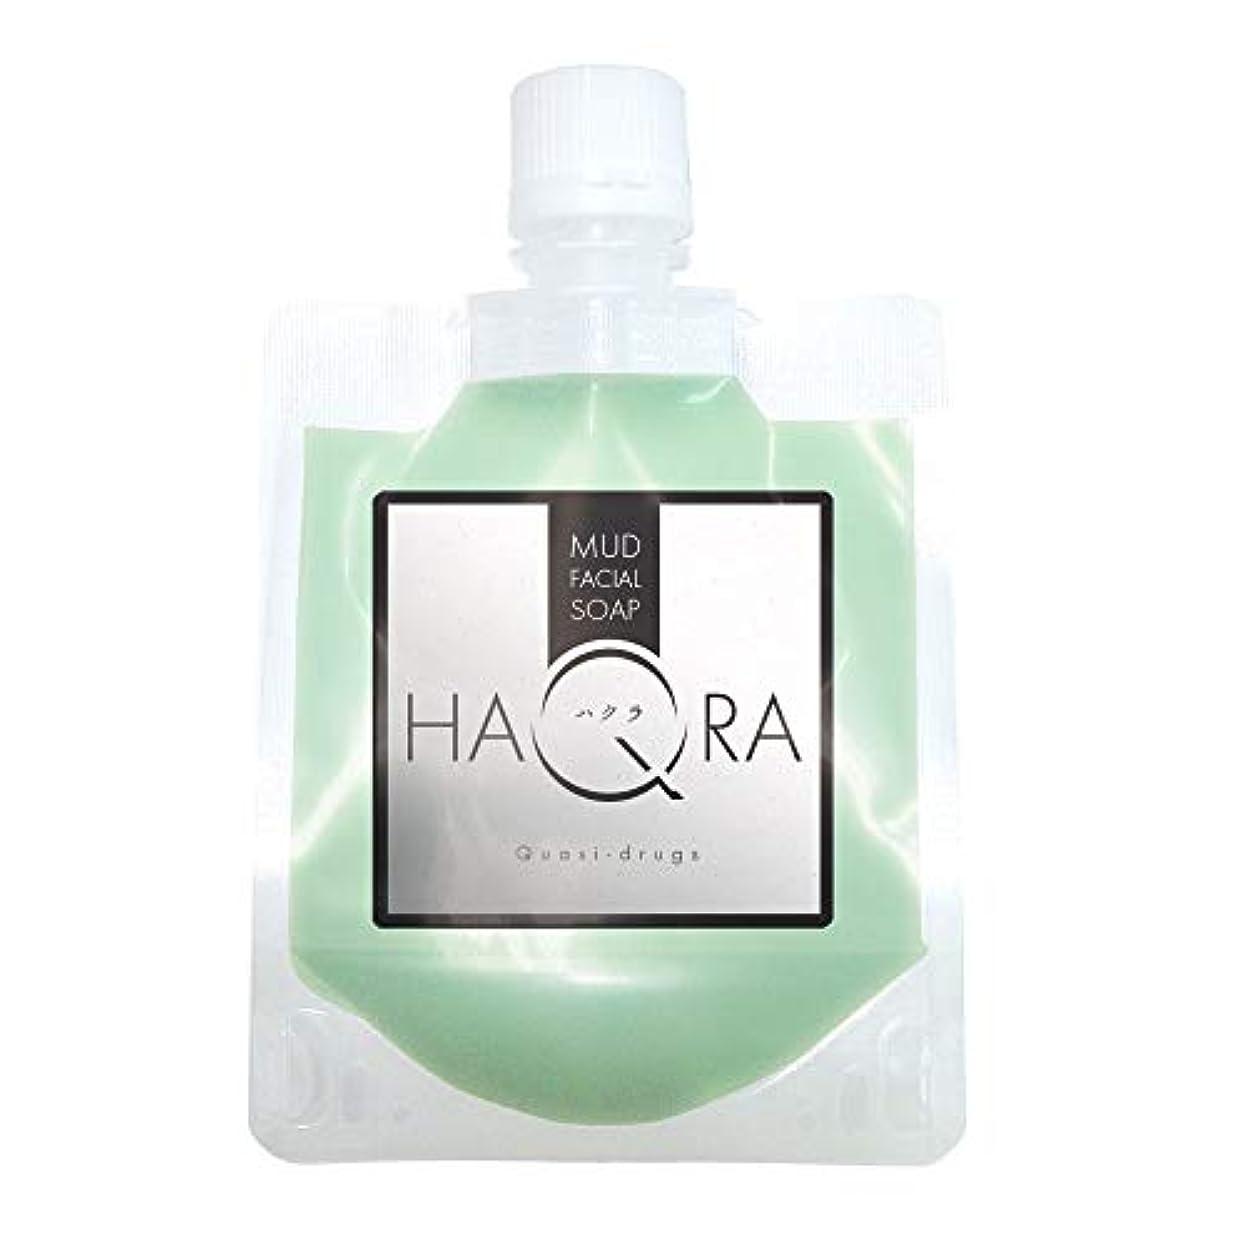 同盟ゲージタイプハクラ HAQRA クレイ洗顔 泥洗顔 石鹸 石けん